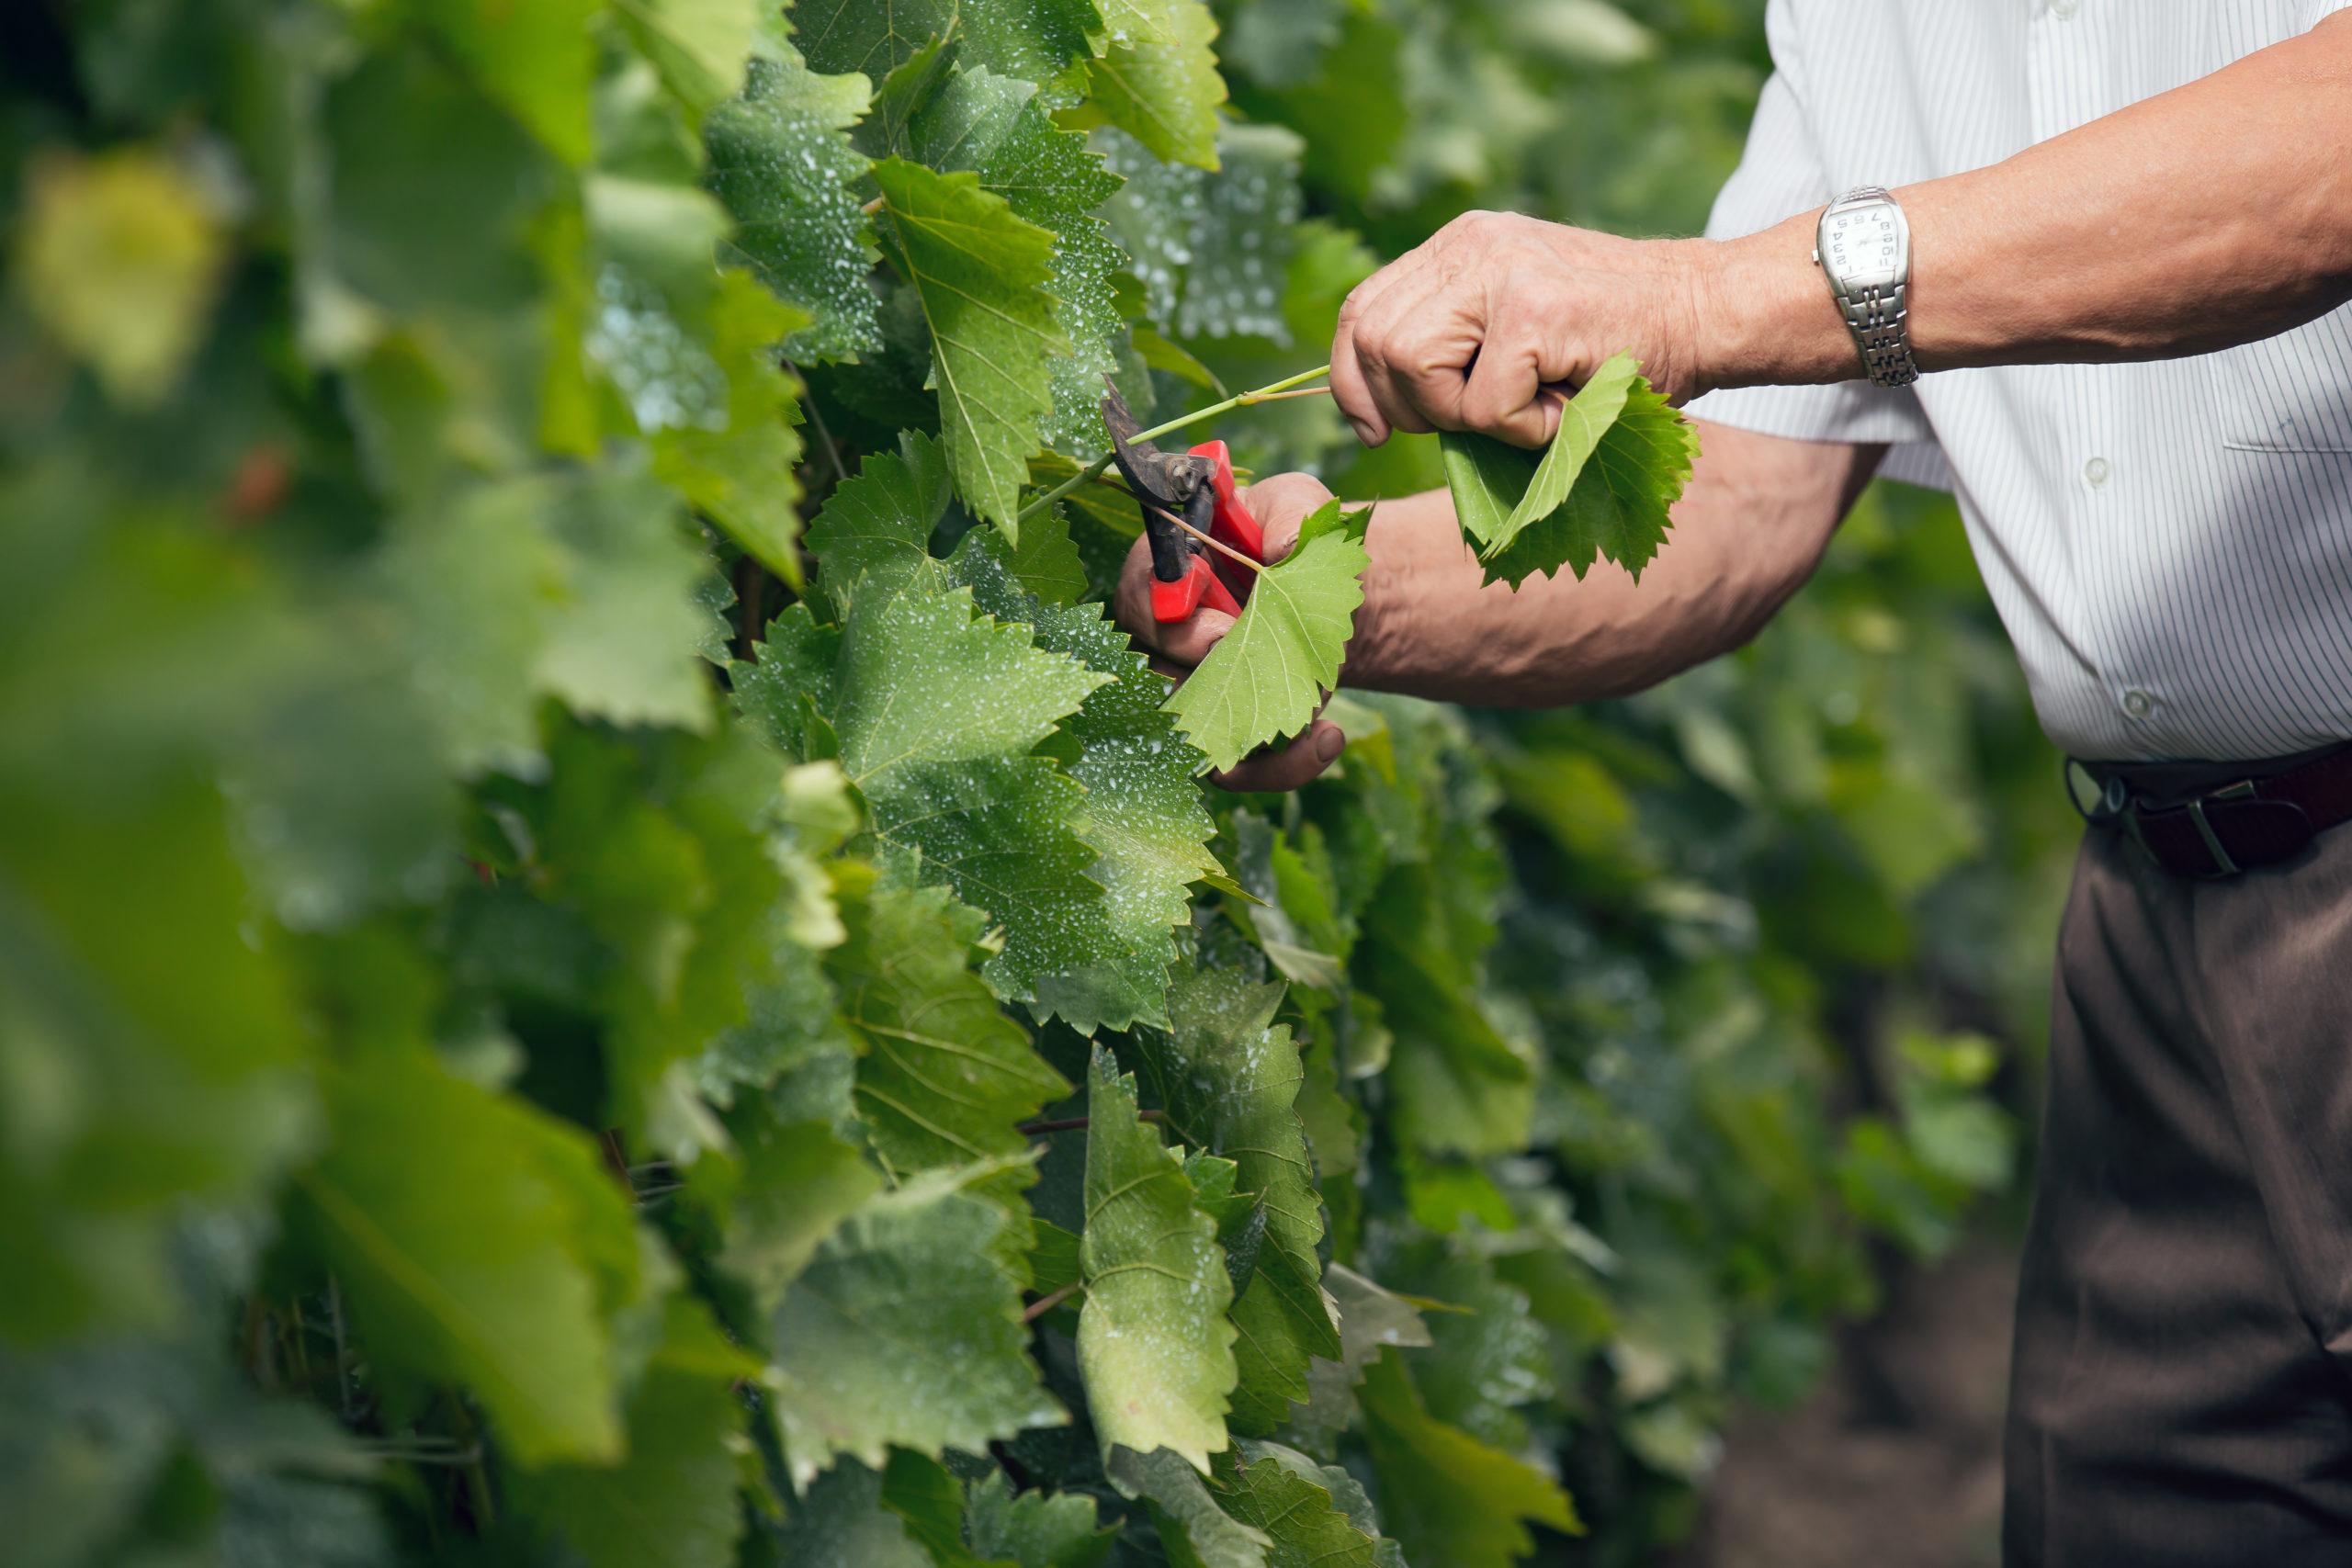 Au cœur d'enjeux environnementaux, les bienfaits de l'agriculture paysanne